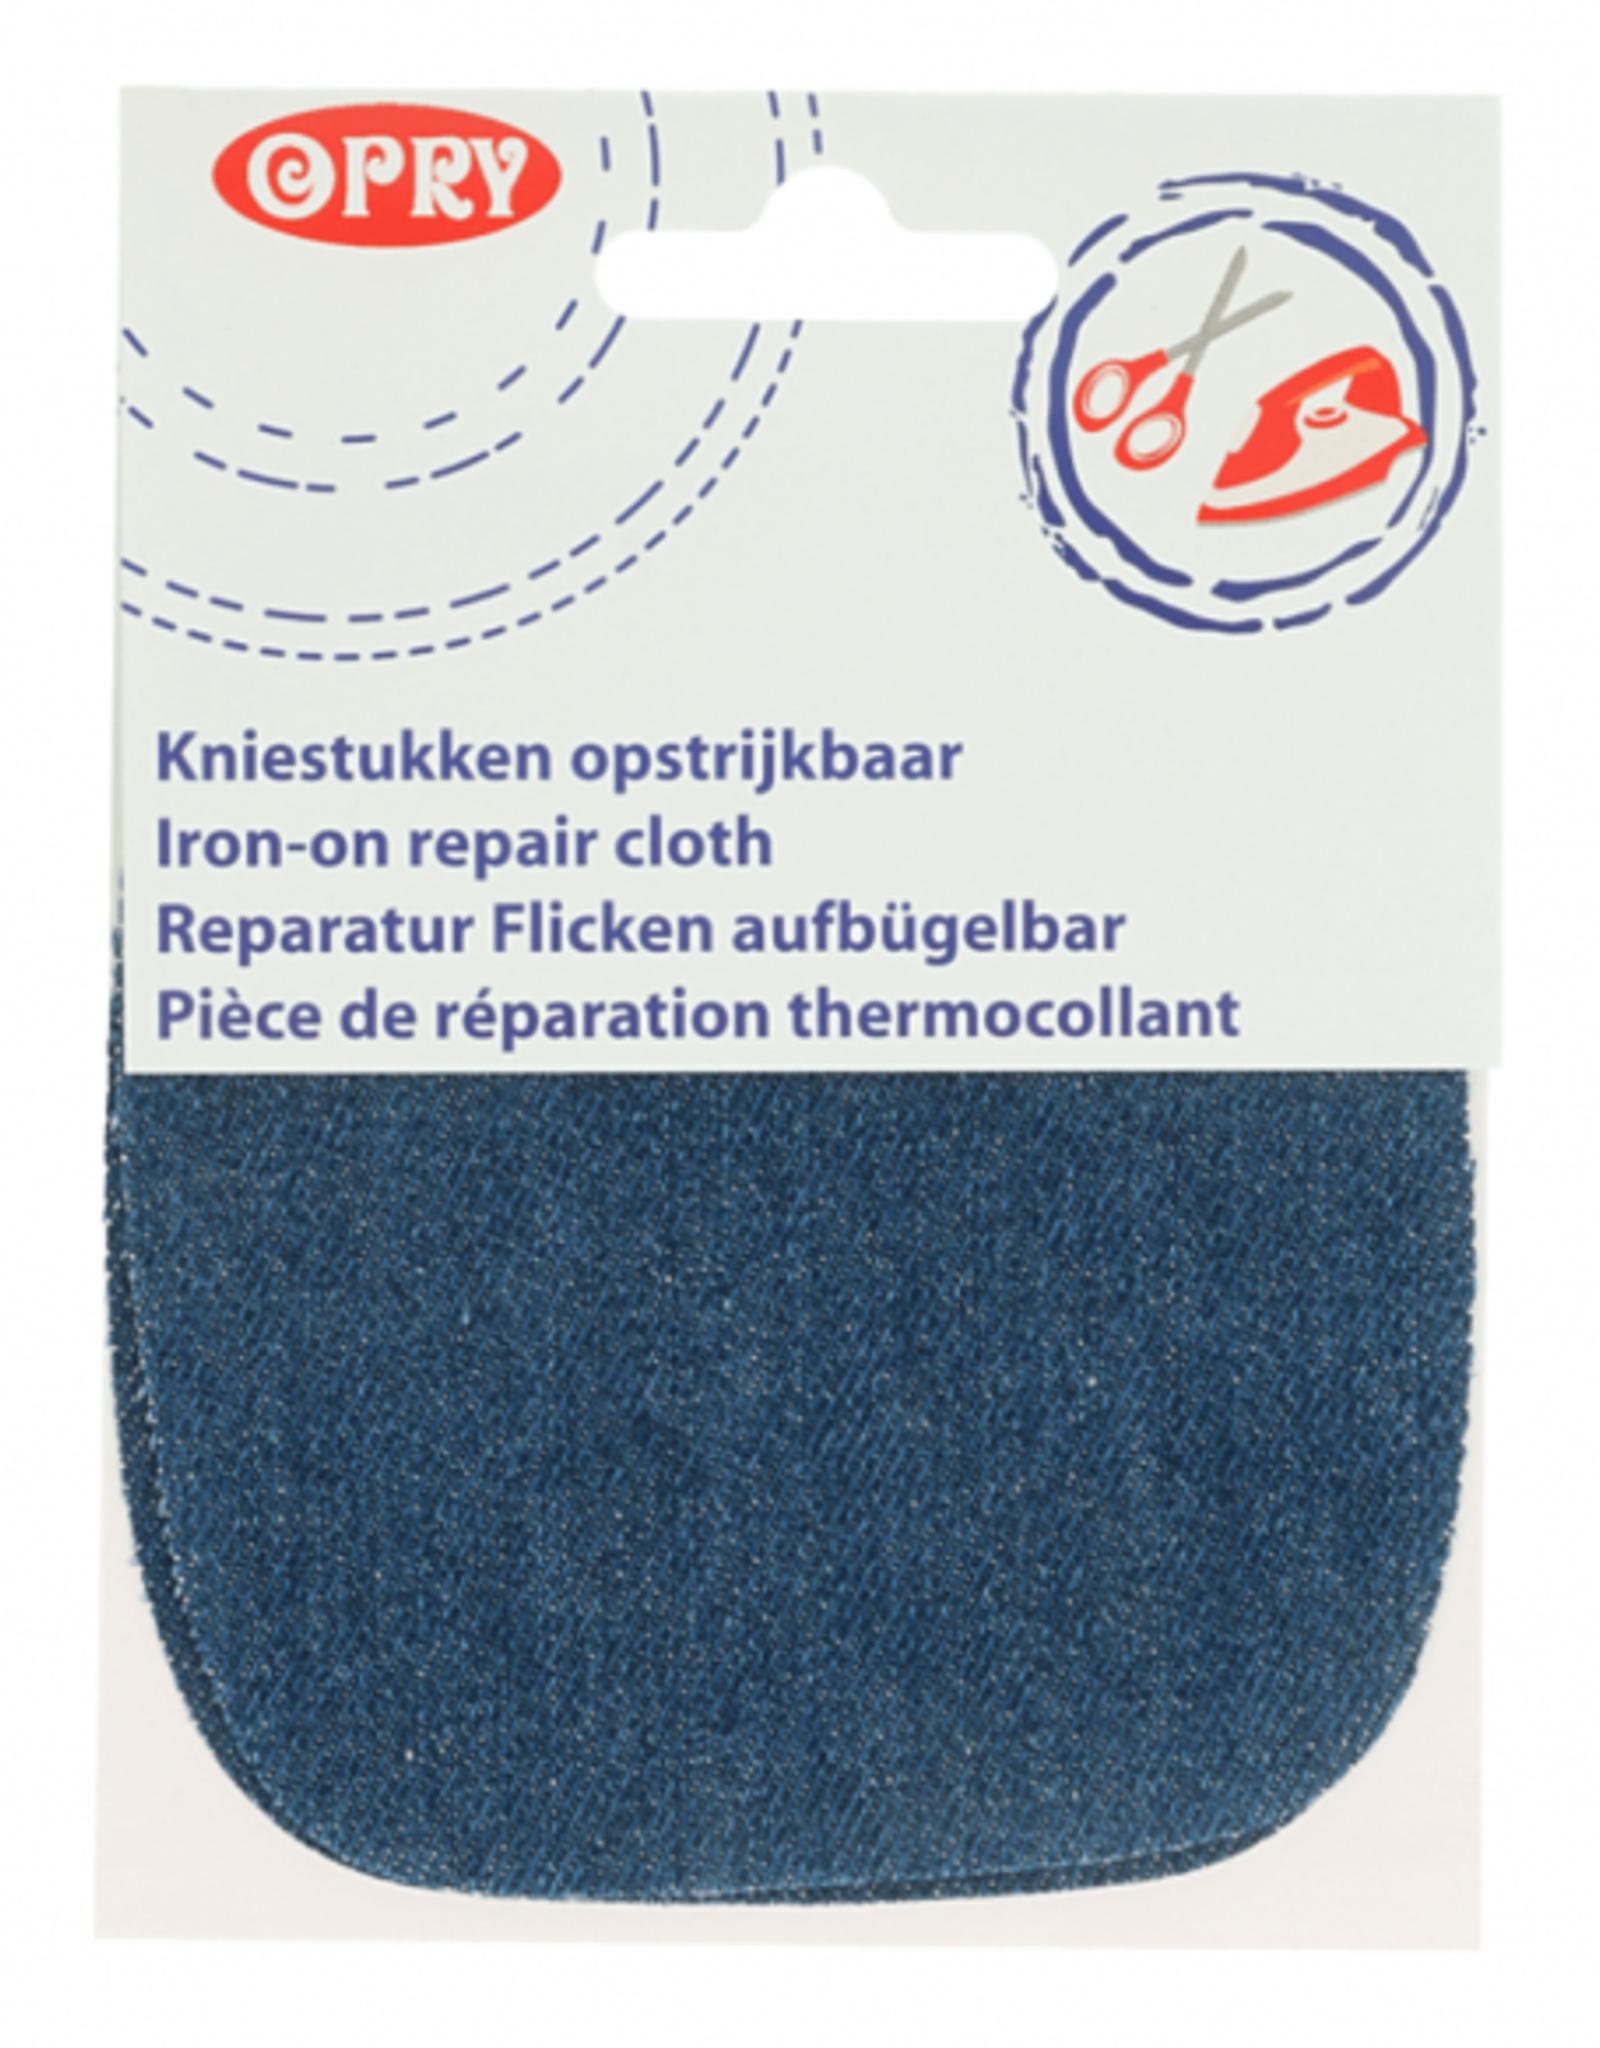 Kniestukken opstrijkbaar jeans middenblauw